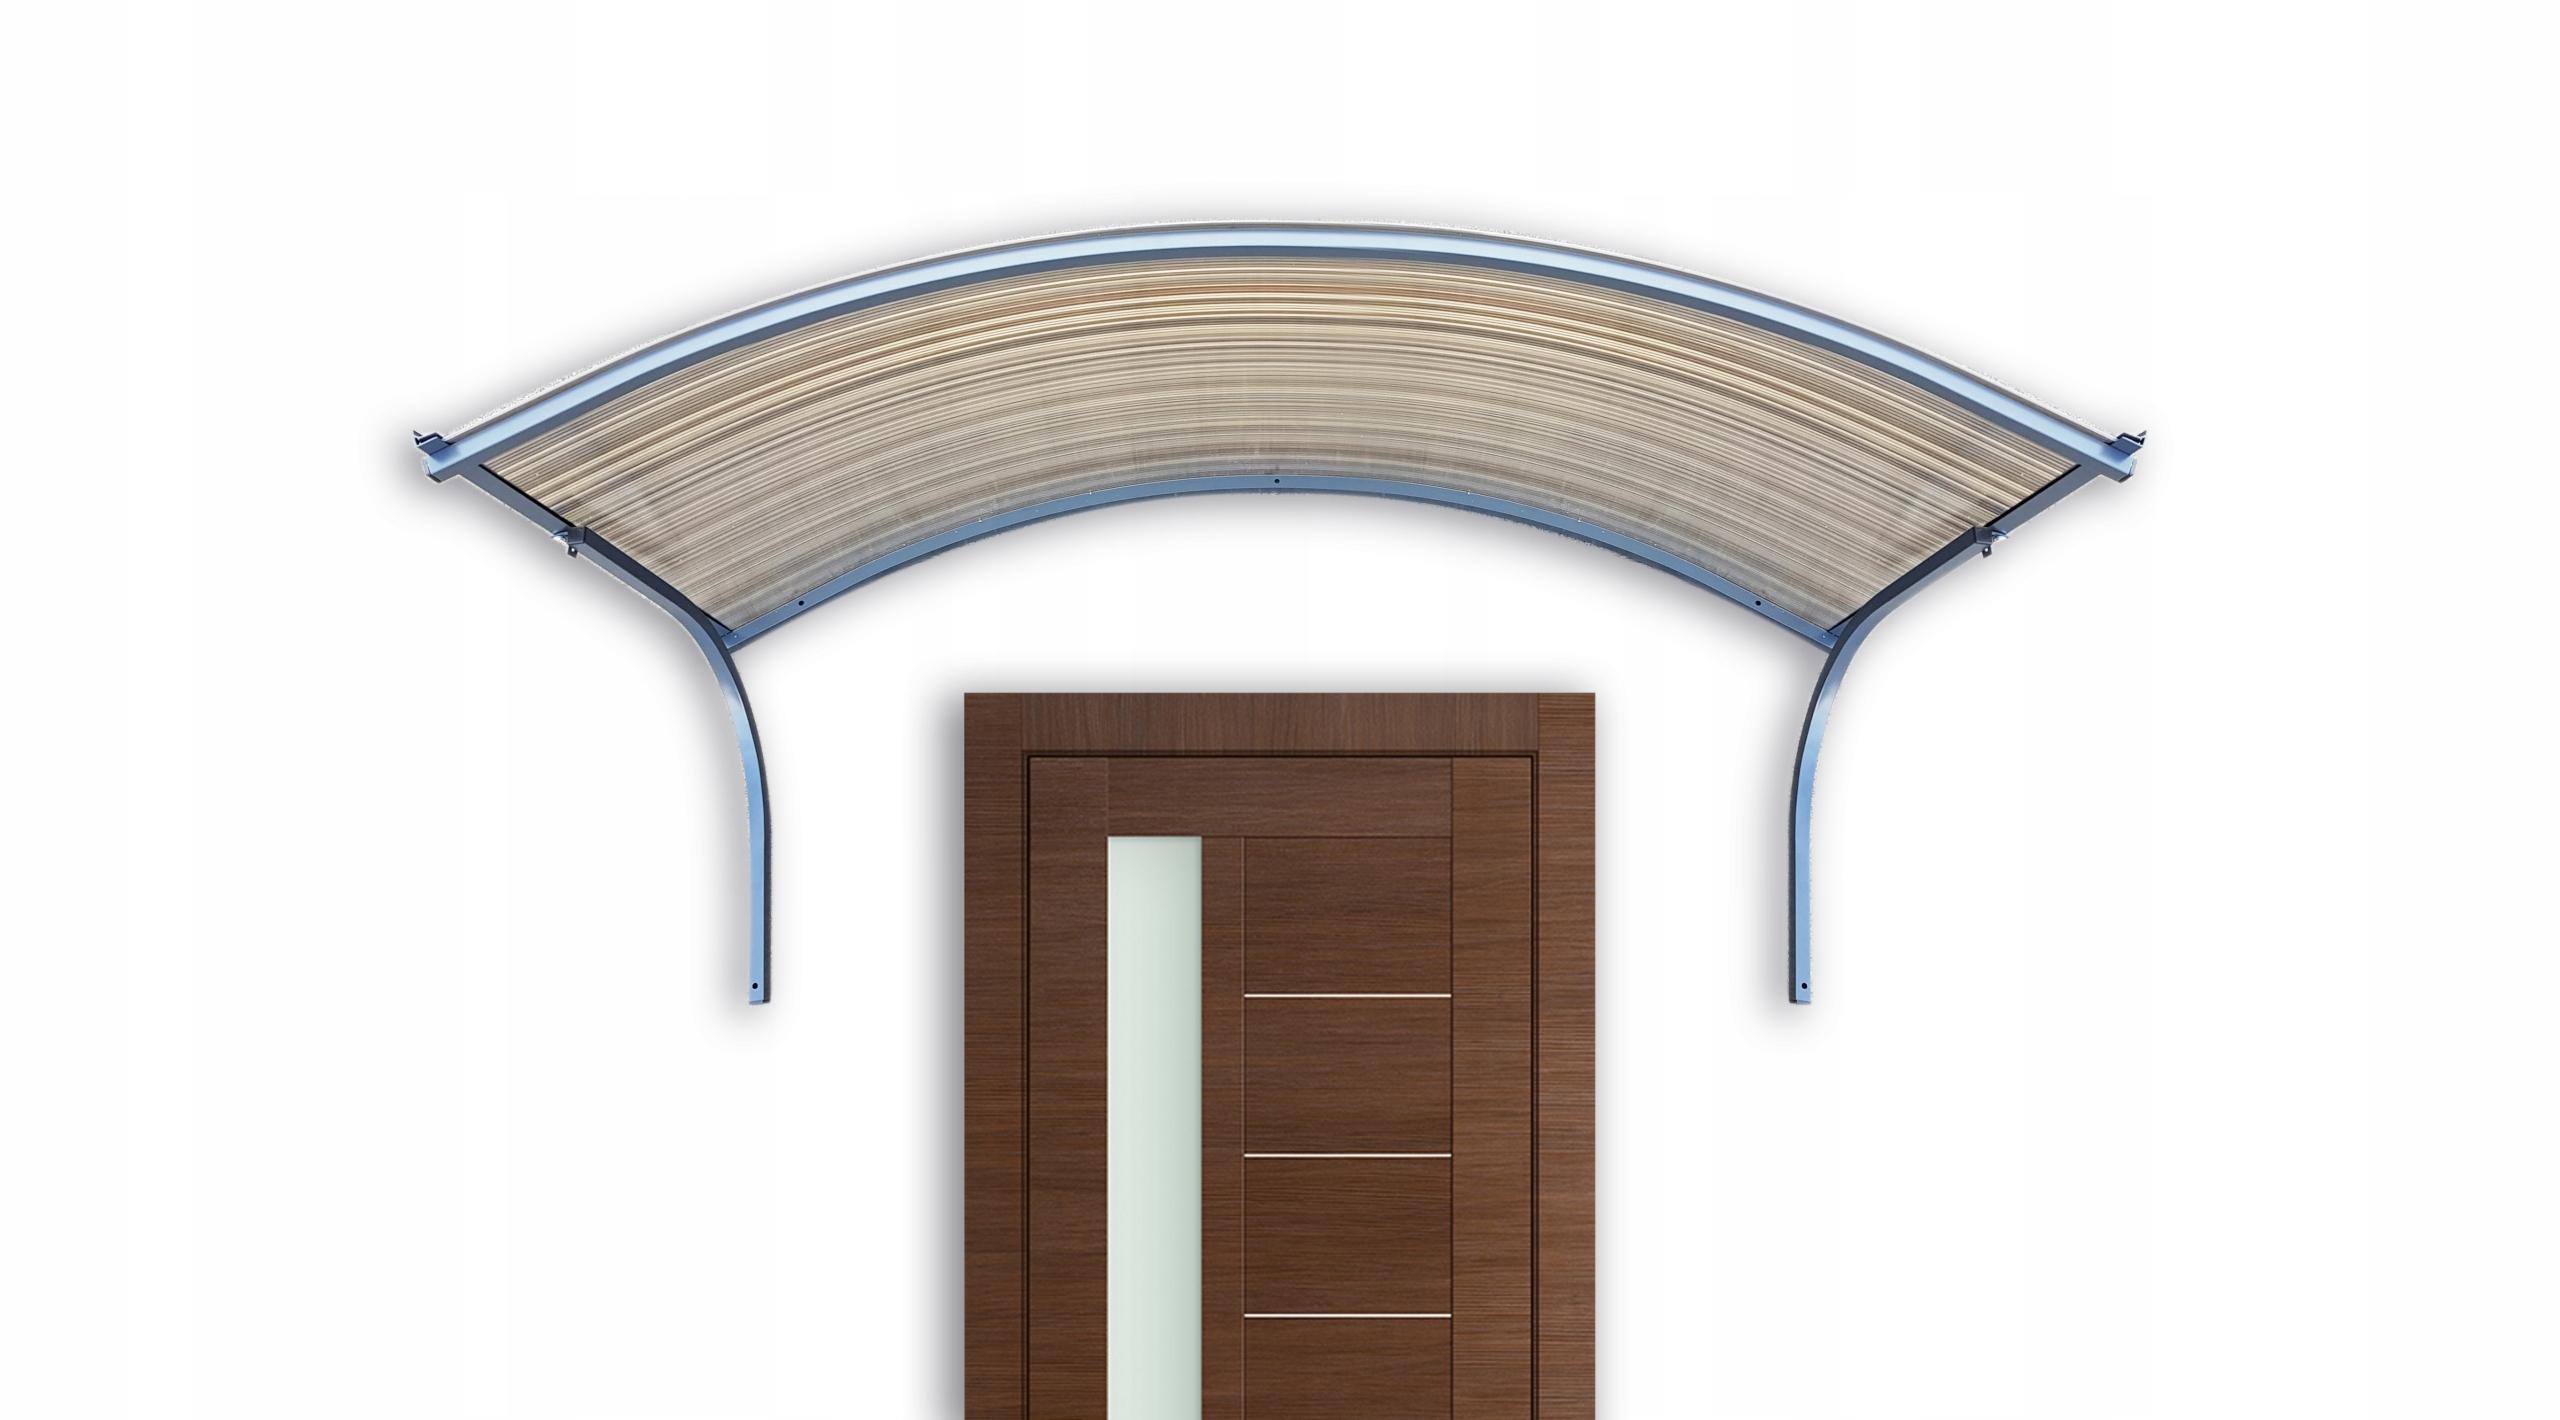 Strieška dverí 170x25x70 ral 7016